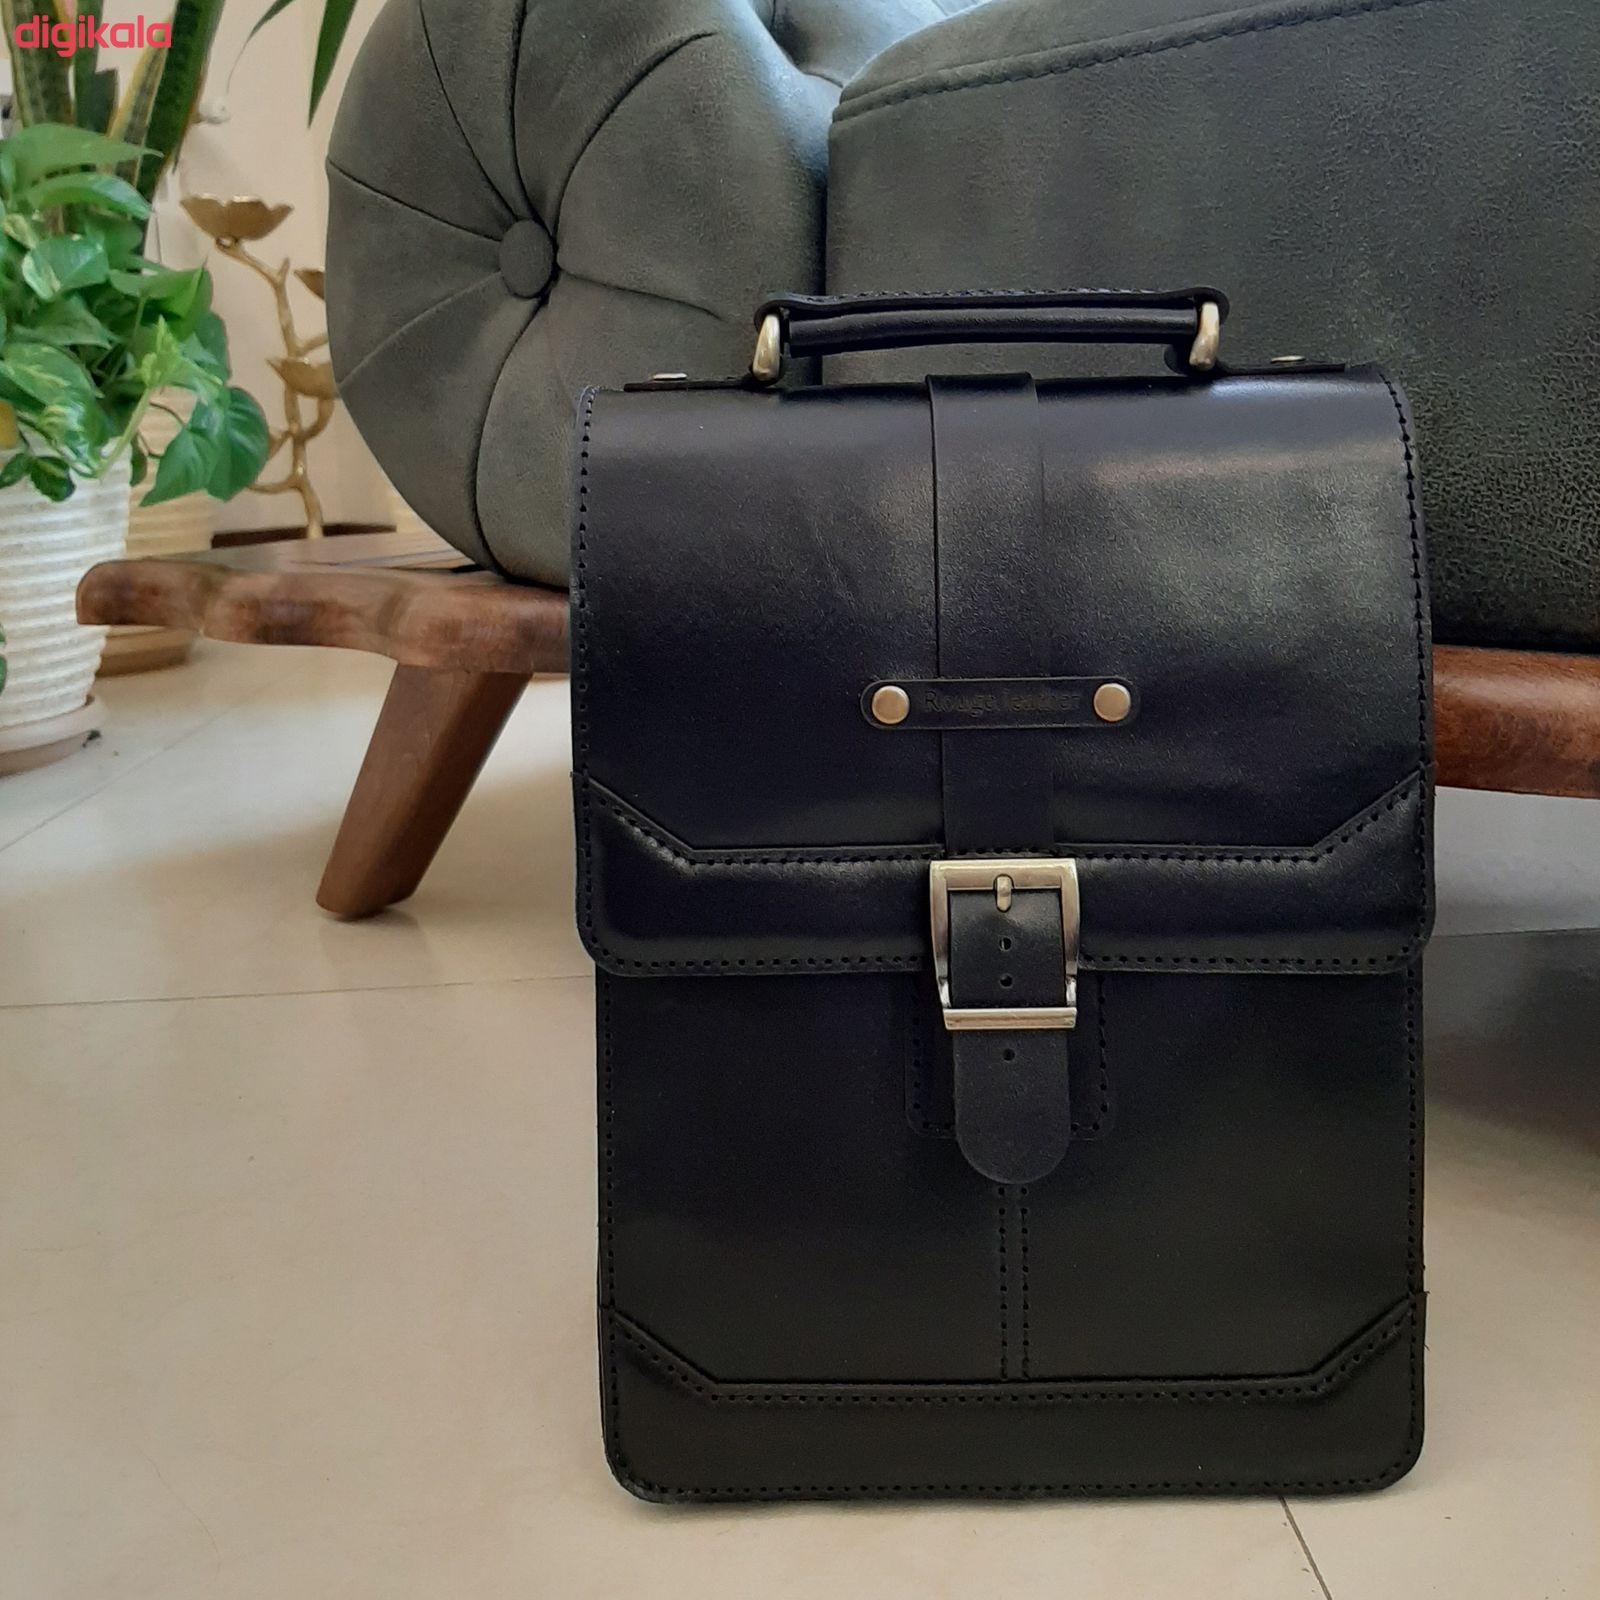 کیف دوشی مردانه چرم روژه مدل ES01B main 1 1